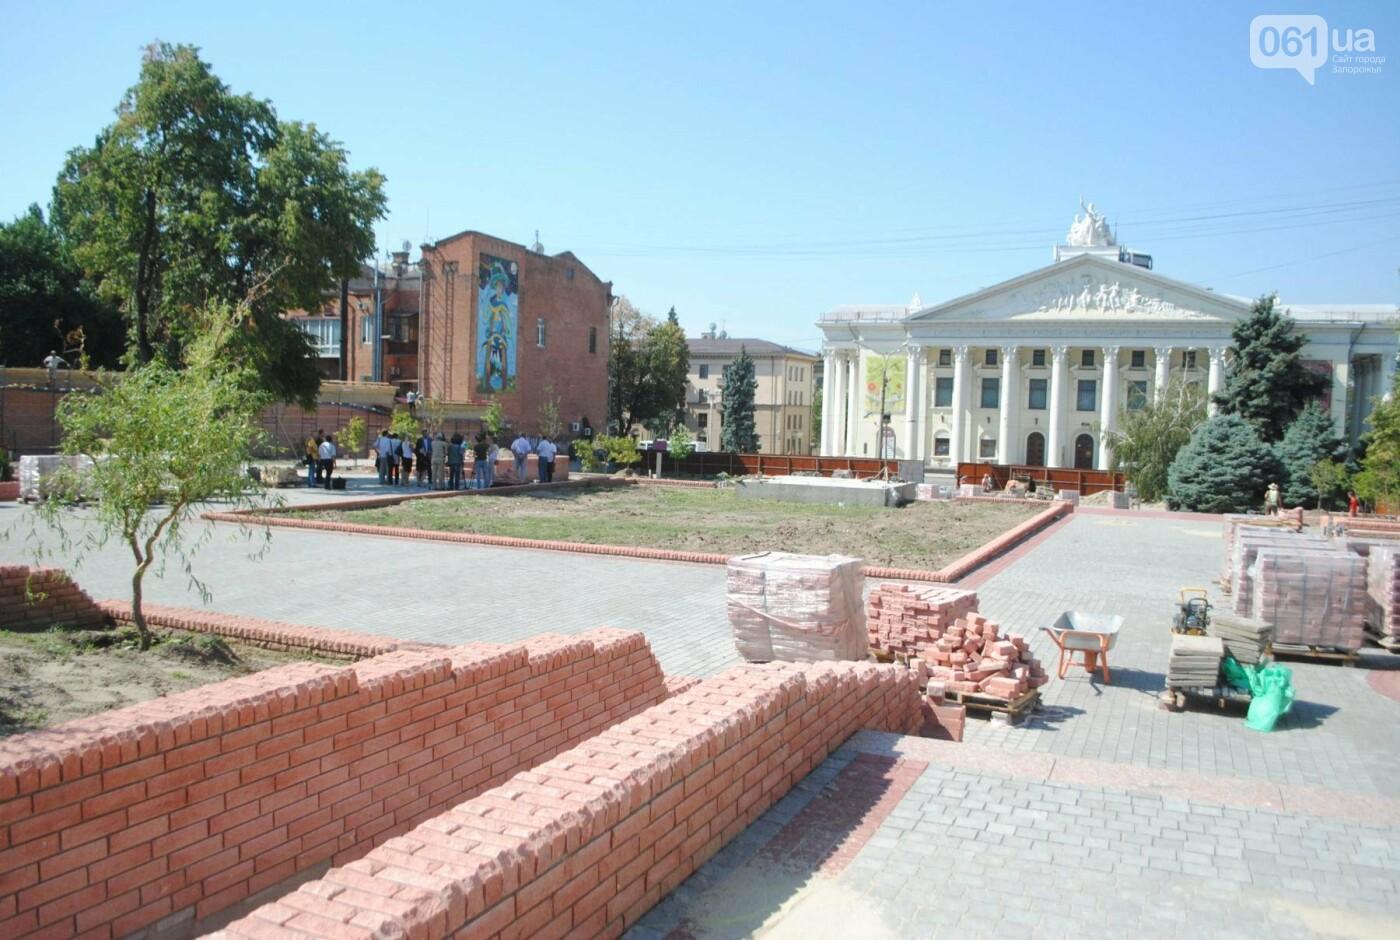 Сквер напротив театра Магара обещают открыть до Дня города, ранее обещали ко Дню Независимости — ФОТОРЕПОРТАЖ, фото-11